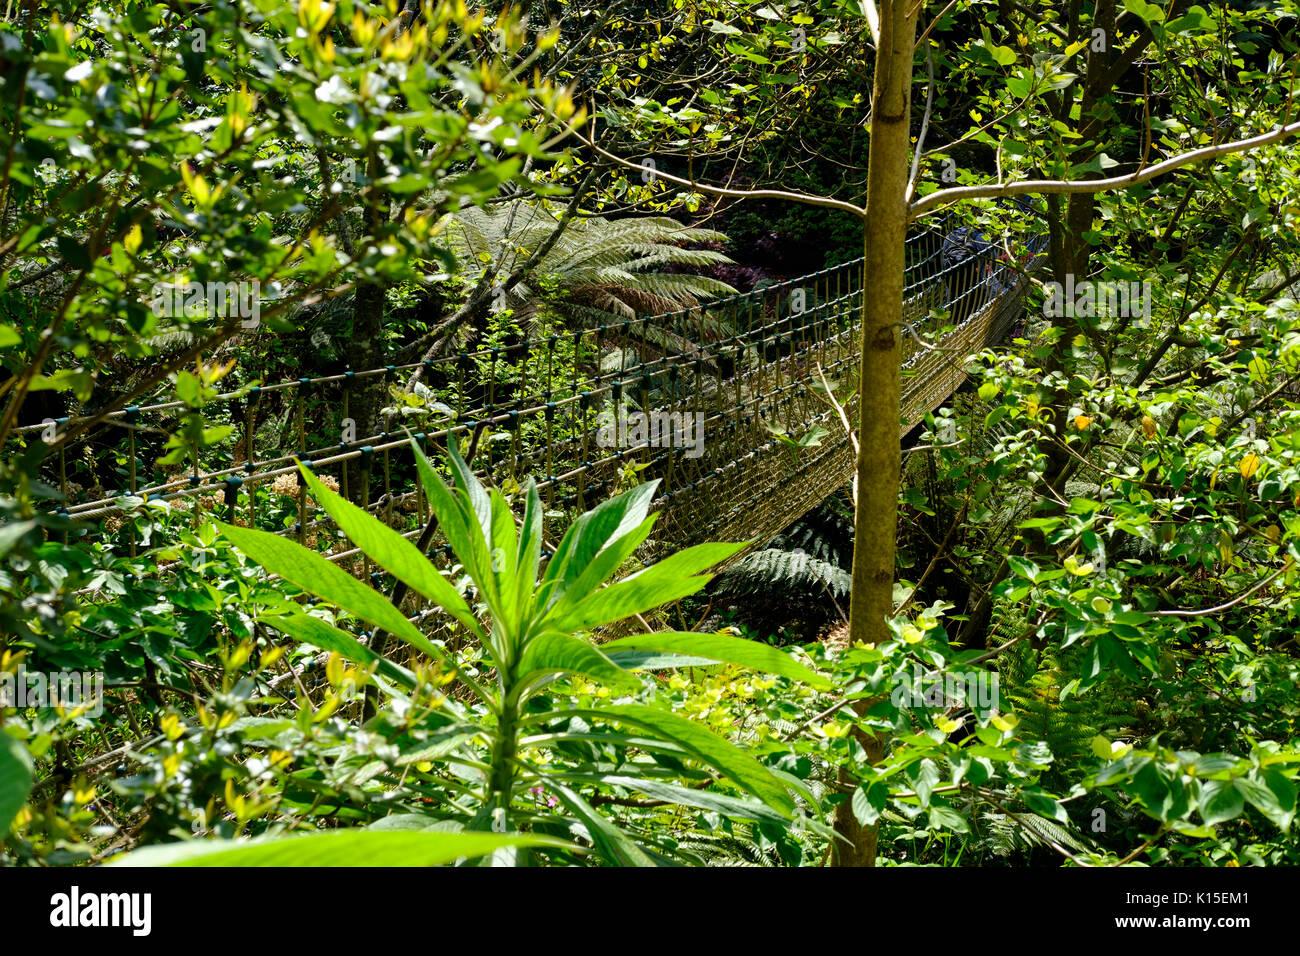 Birma Suspension Bridge in der Dschungel, die Verlorenen Gärten von Heligan, in der Nähe von St Austell, Cornwall, England, Vereinigtes Königreich Stockbild